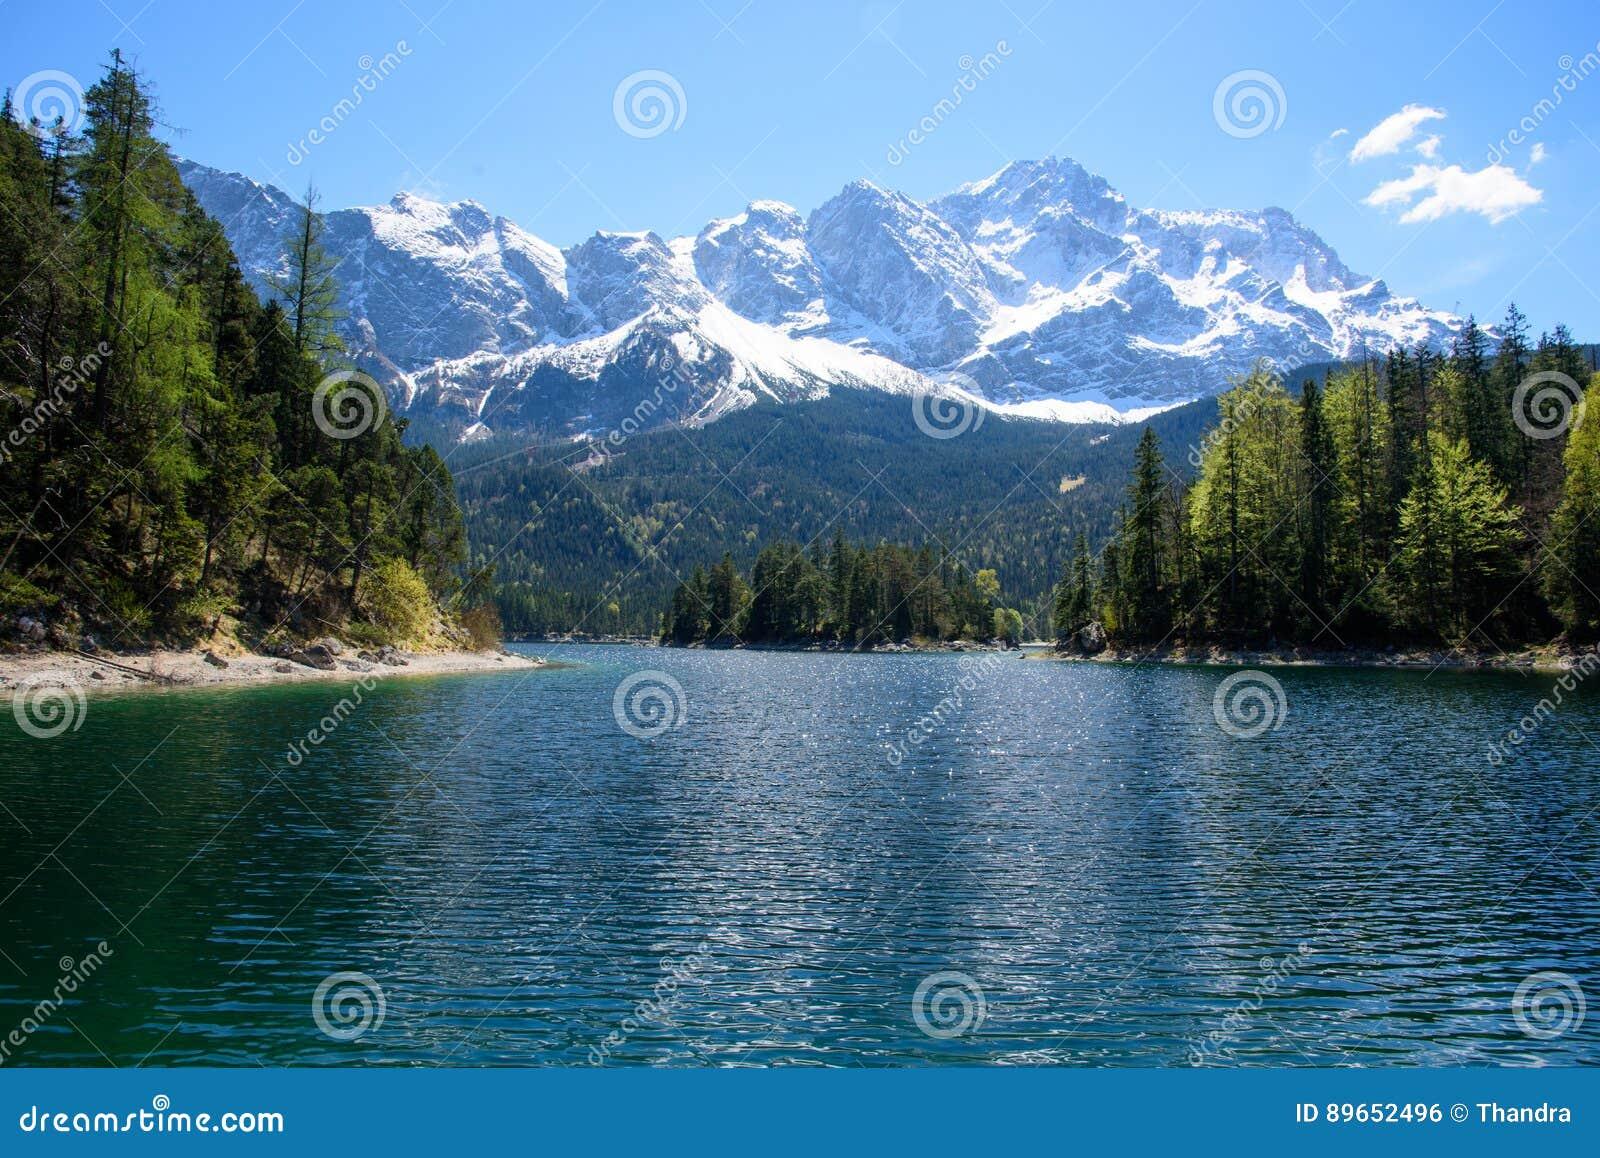 Ocaso fantástico en el lago Eibsee de la montaña, situado en Baviera, Alemania Escena inusual dramática Montañas, Europa